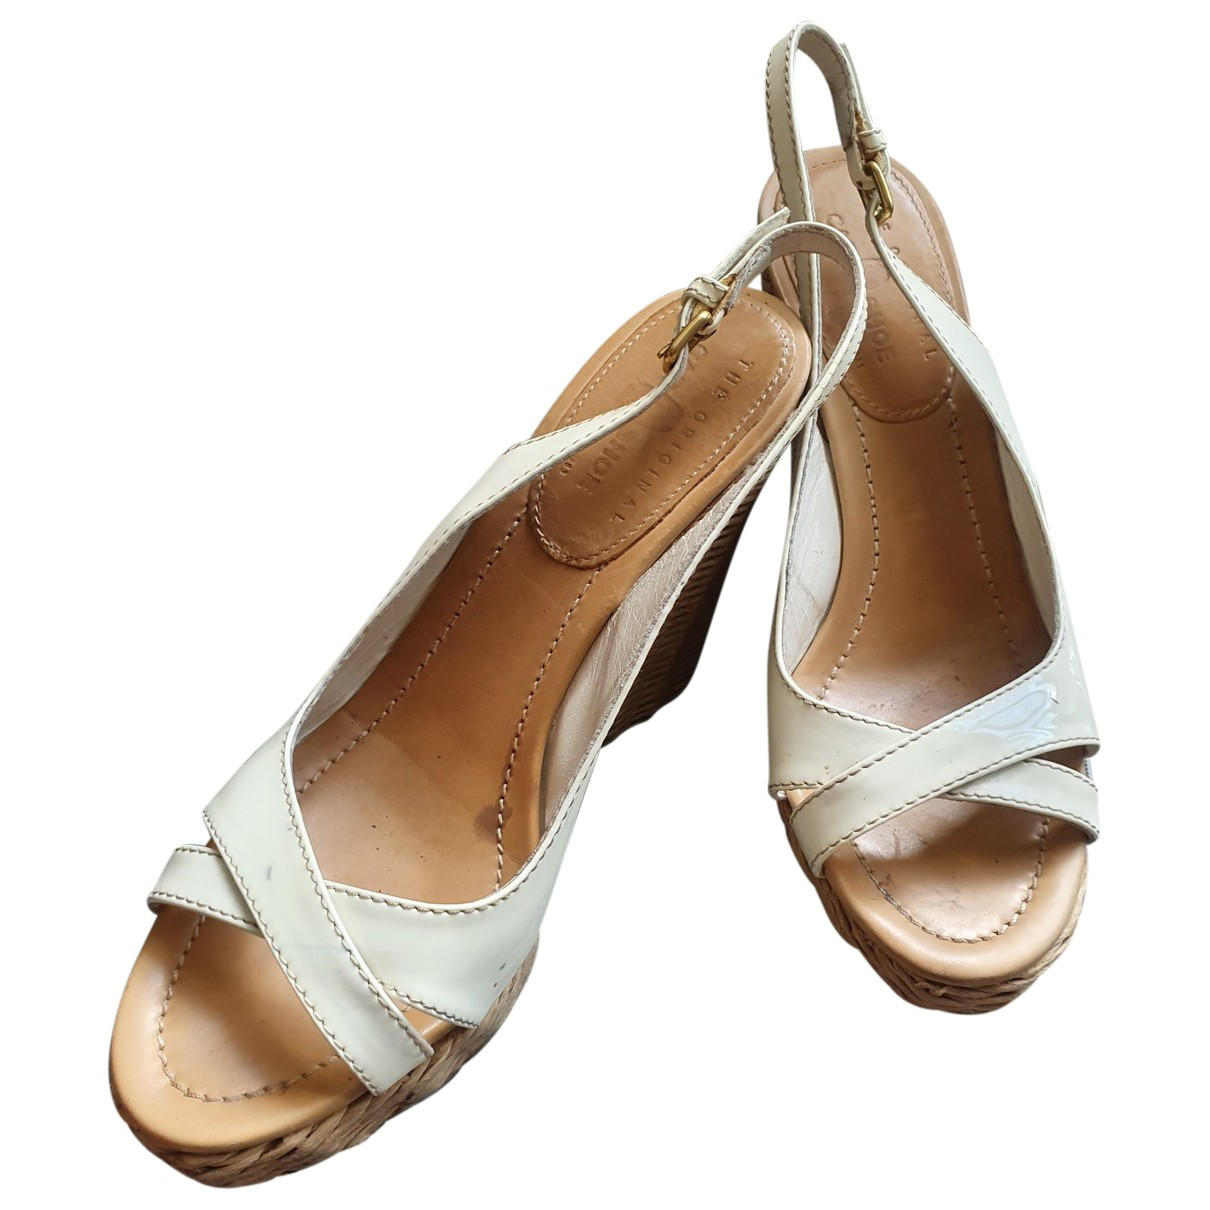 Carshoe \N Sandalen in  Beige Lackleder